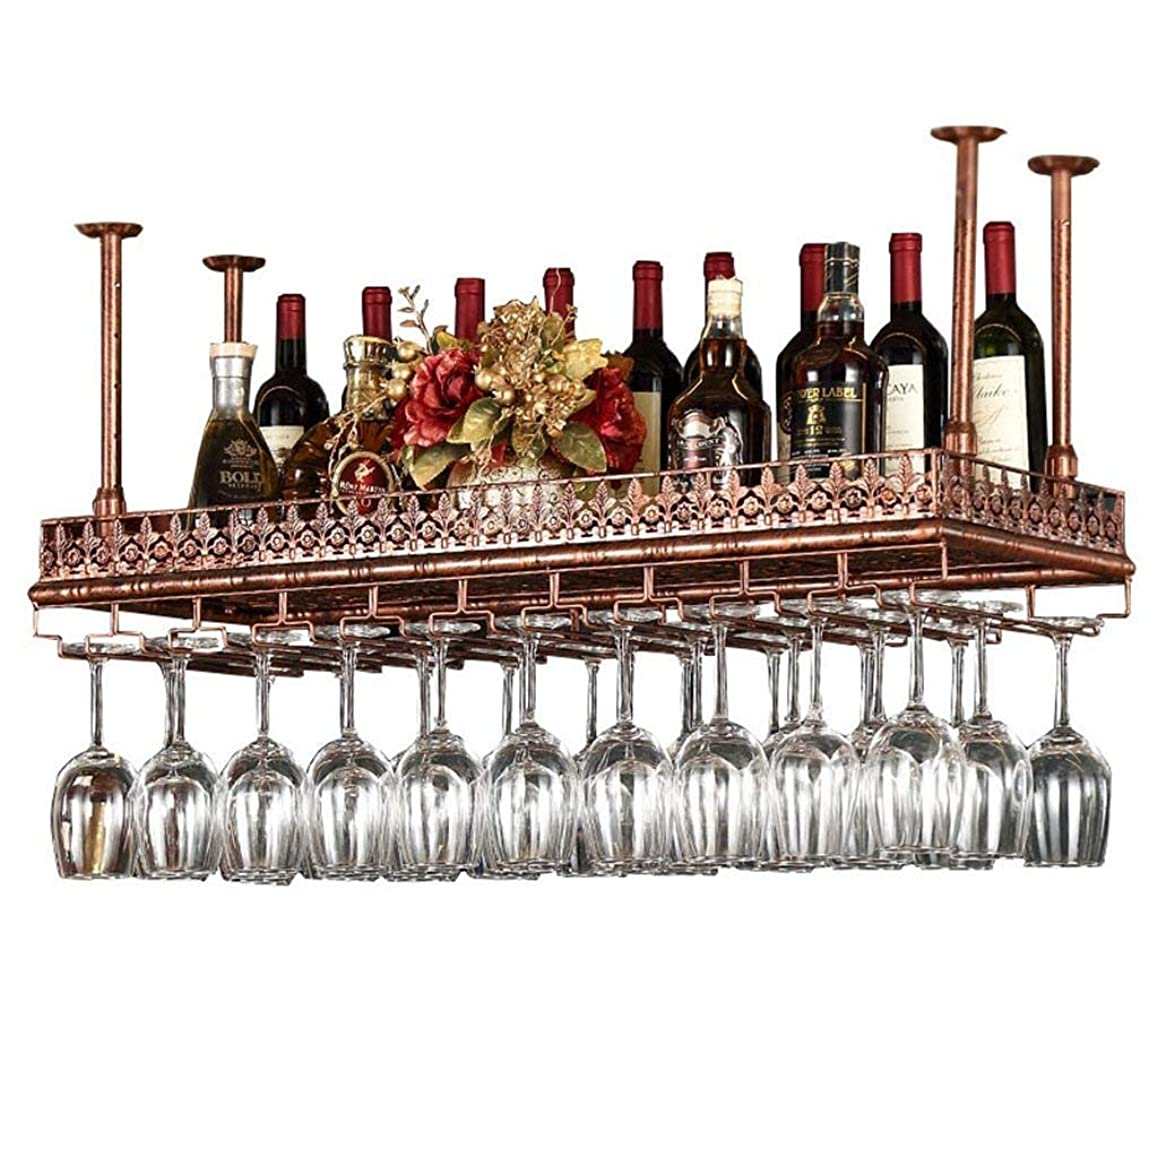 抵抗する荒野上級天井のワインラックブロンズメタルアイアンハンギングワイングラスホルダー収納ゴブレット脚付きグラスラック100分の80/120センチメートルバーの装飾陳列棚